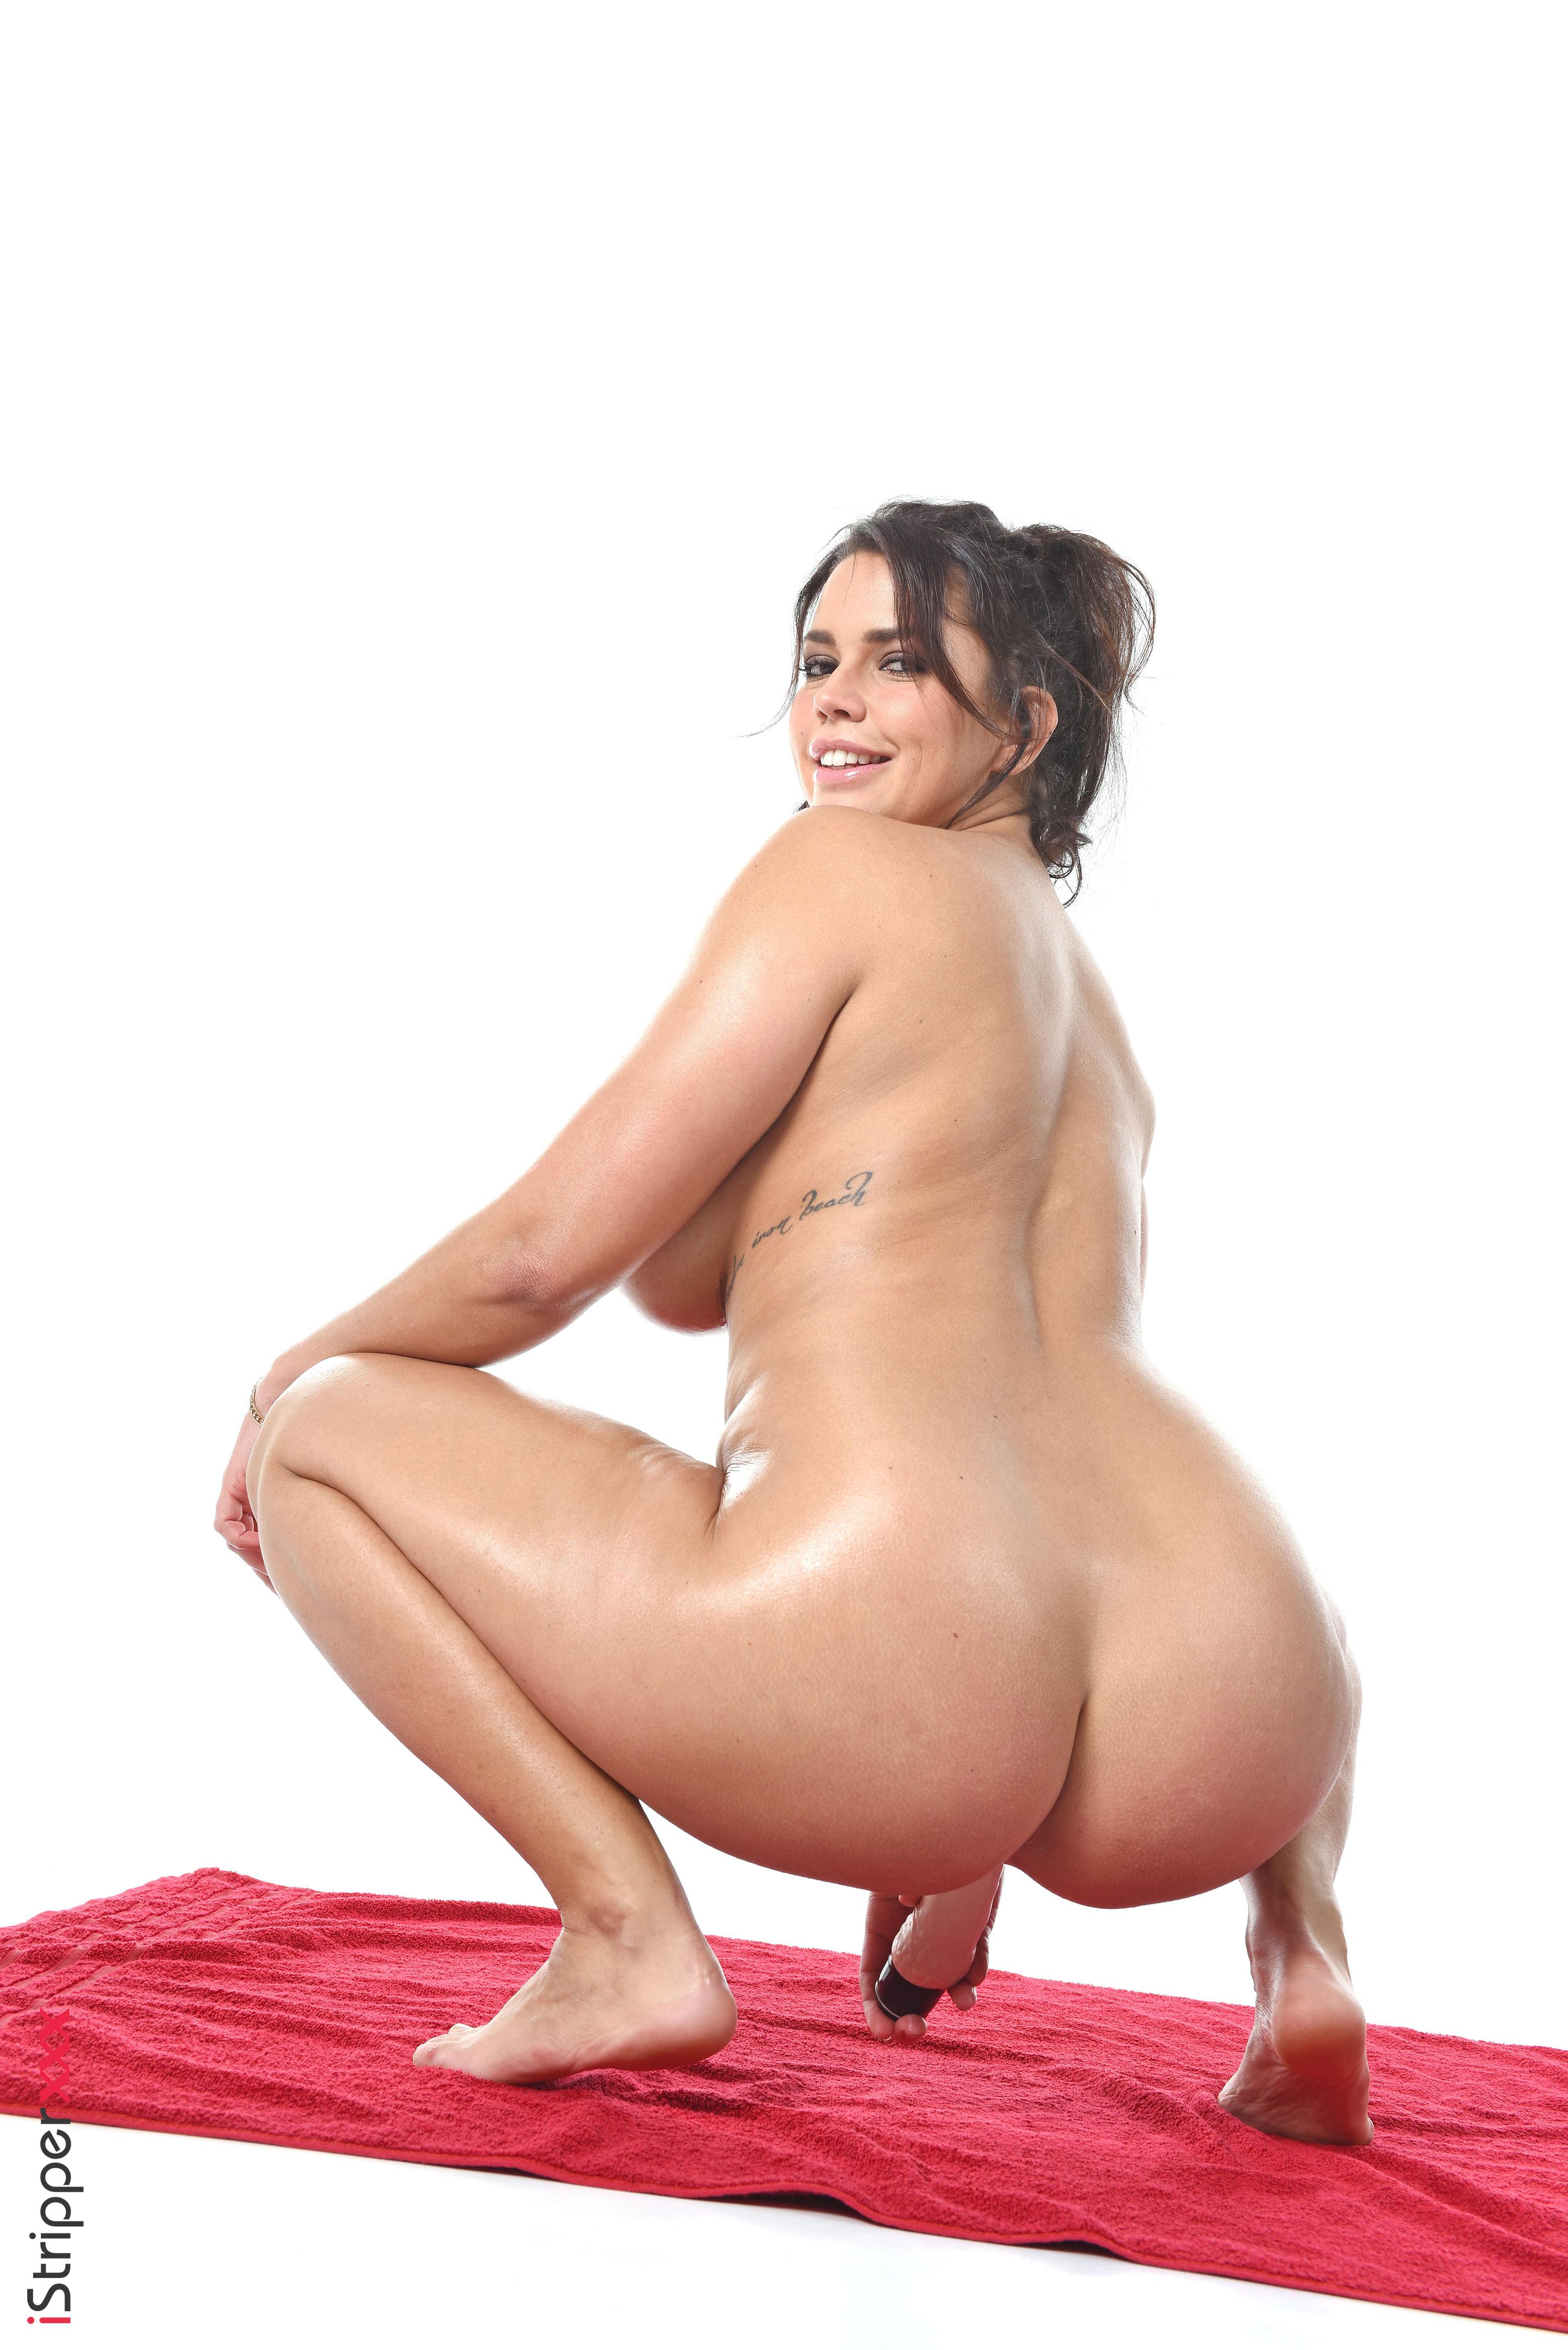 erotic women wallpapers